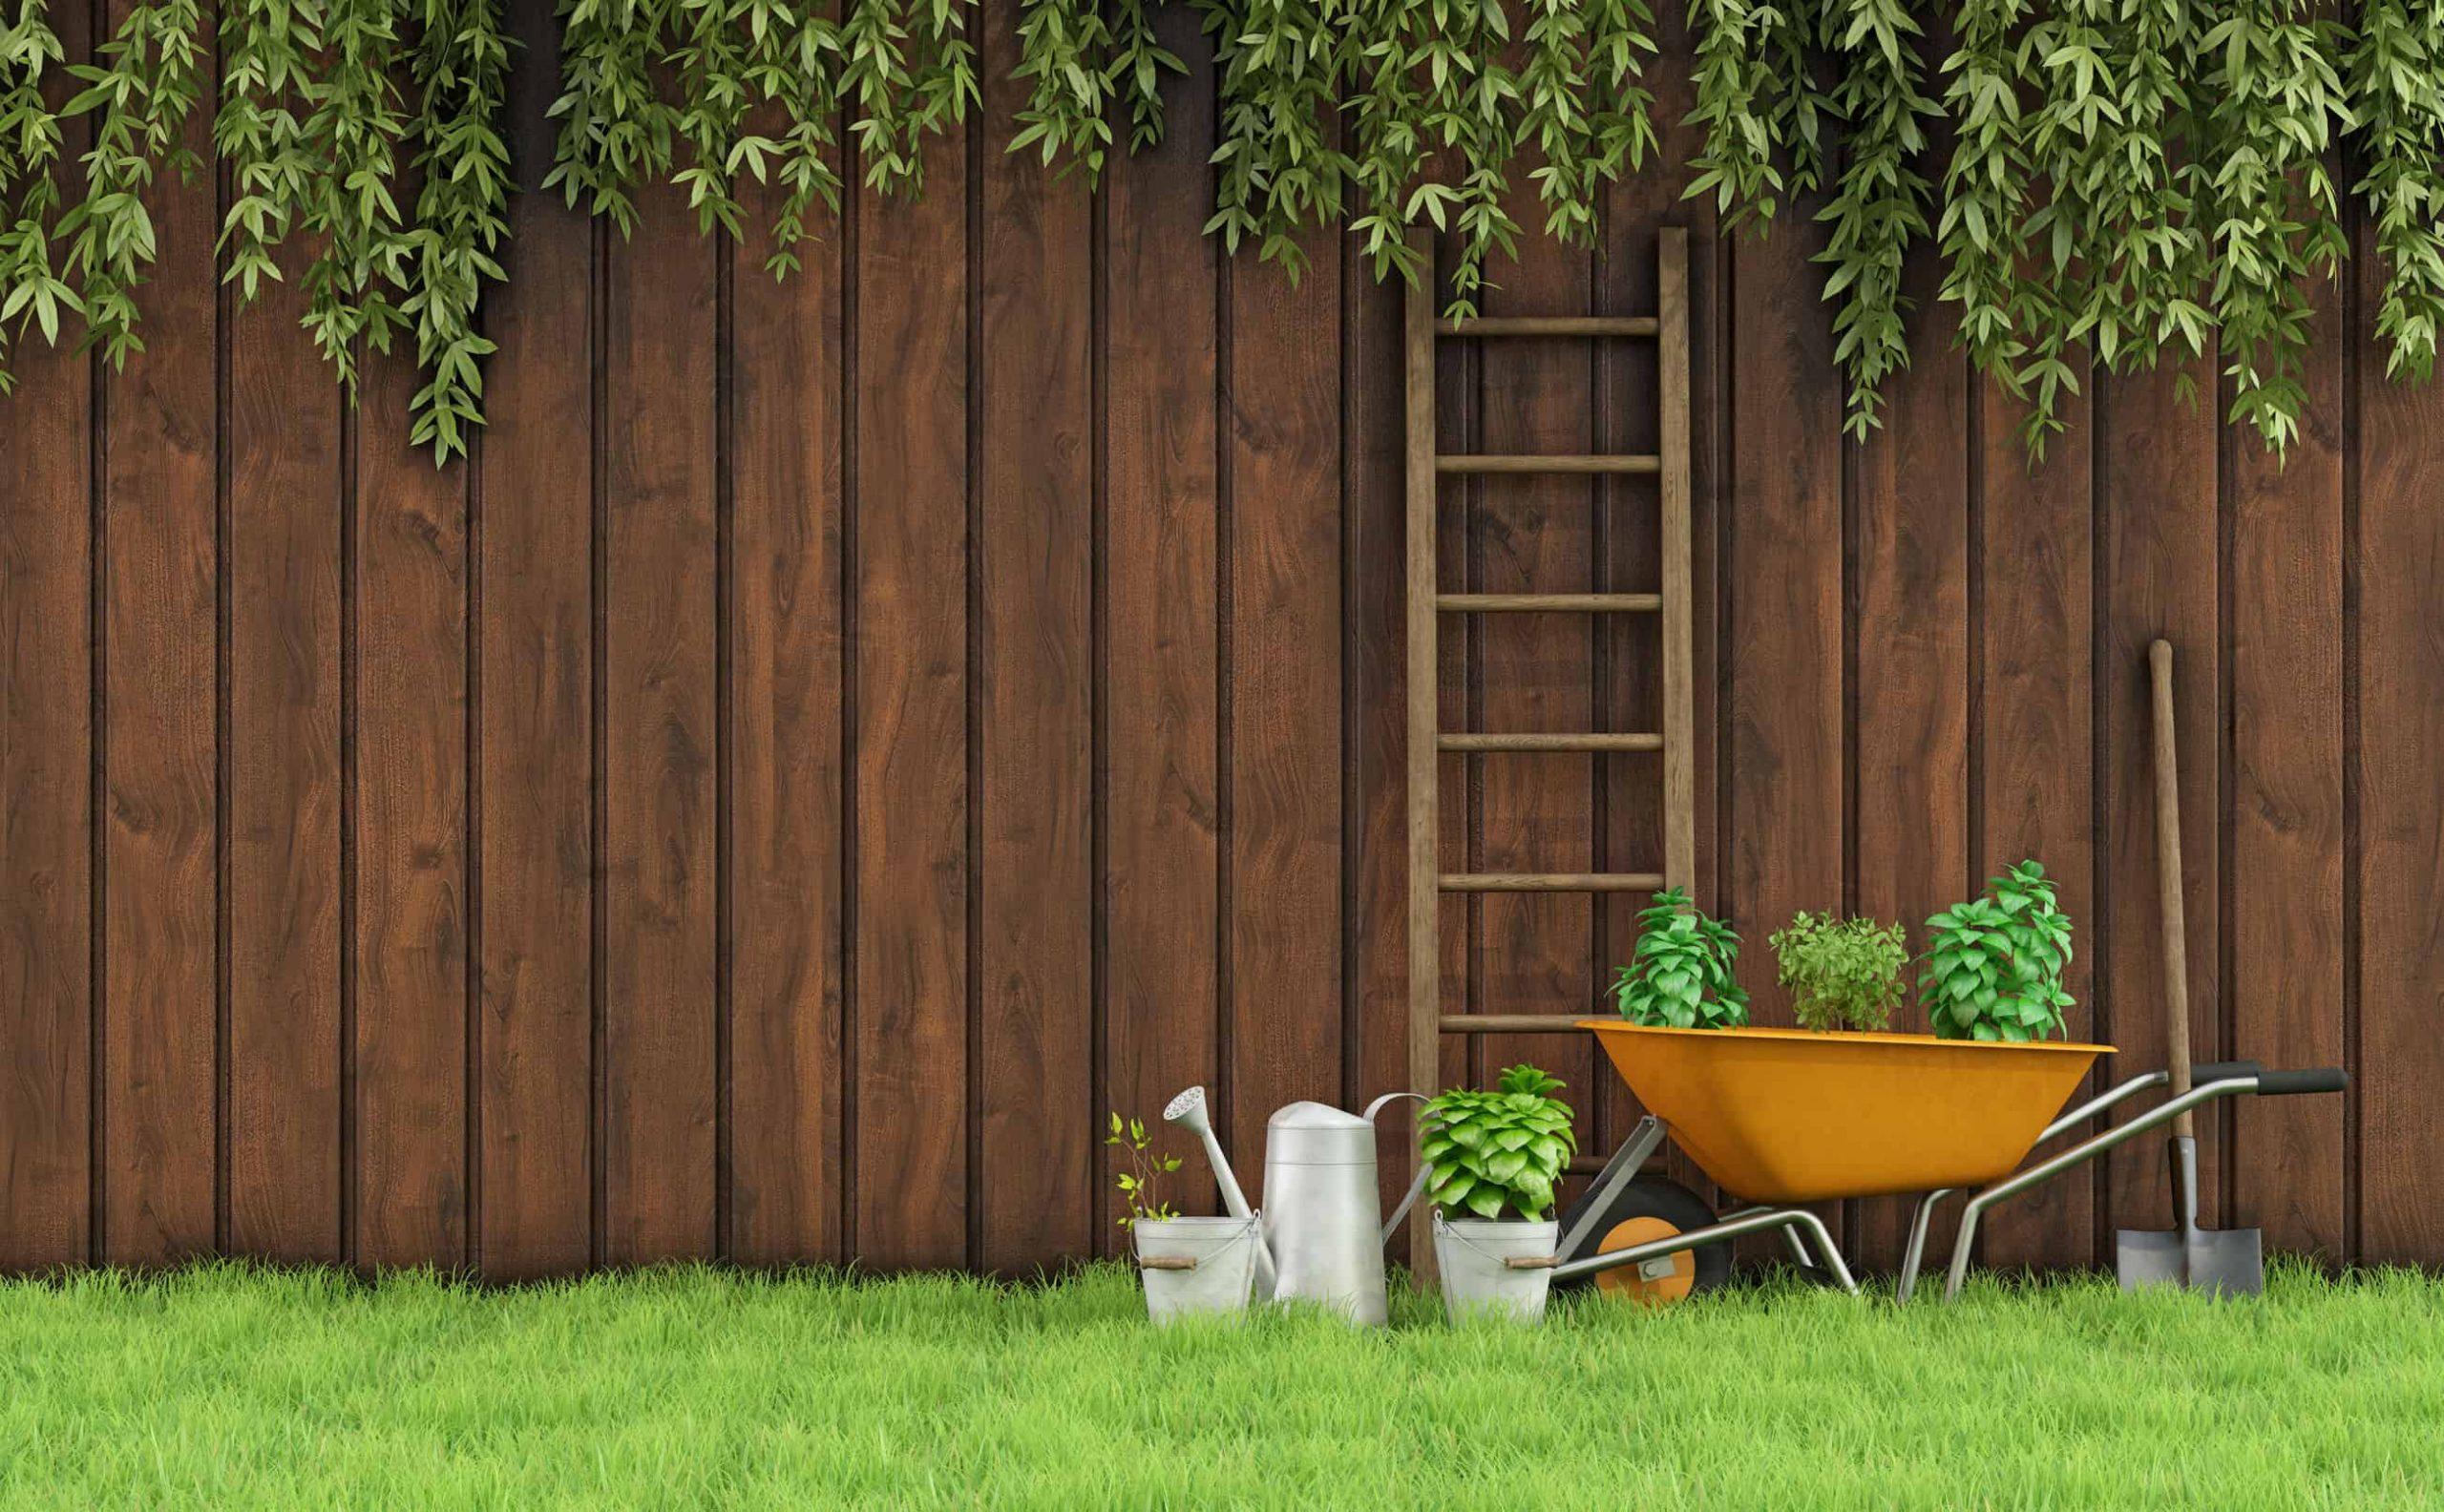 Sichtschutzwand Aus Holz Test Empfehlungen 06 20 Gartenspring